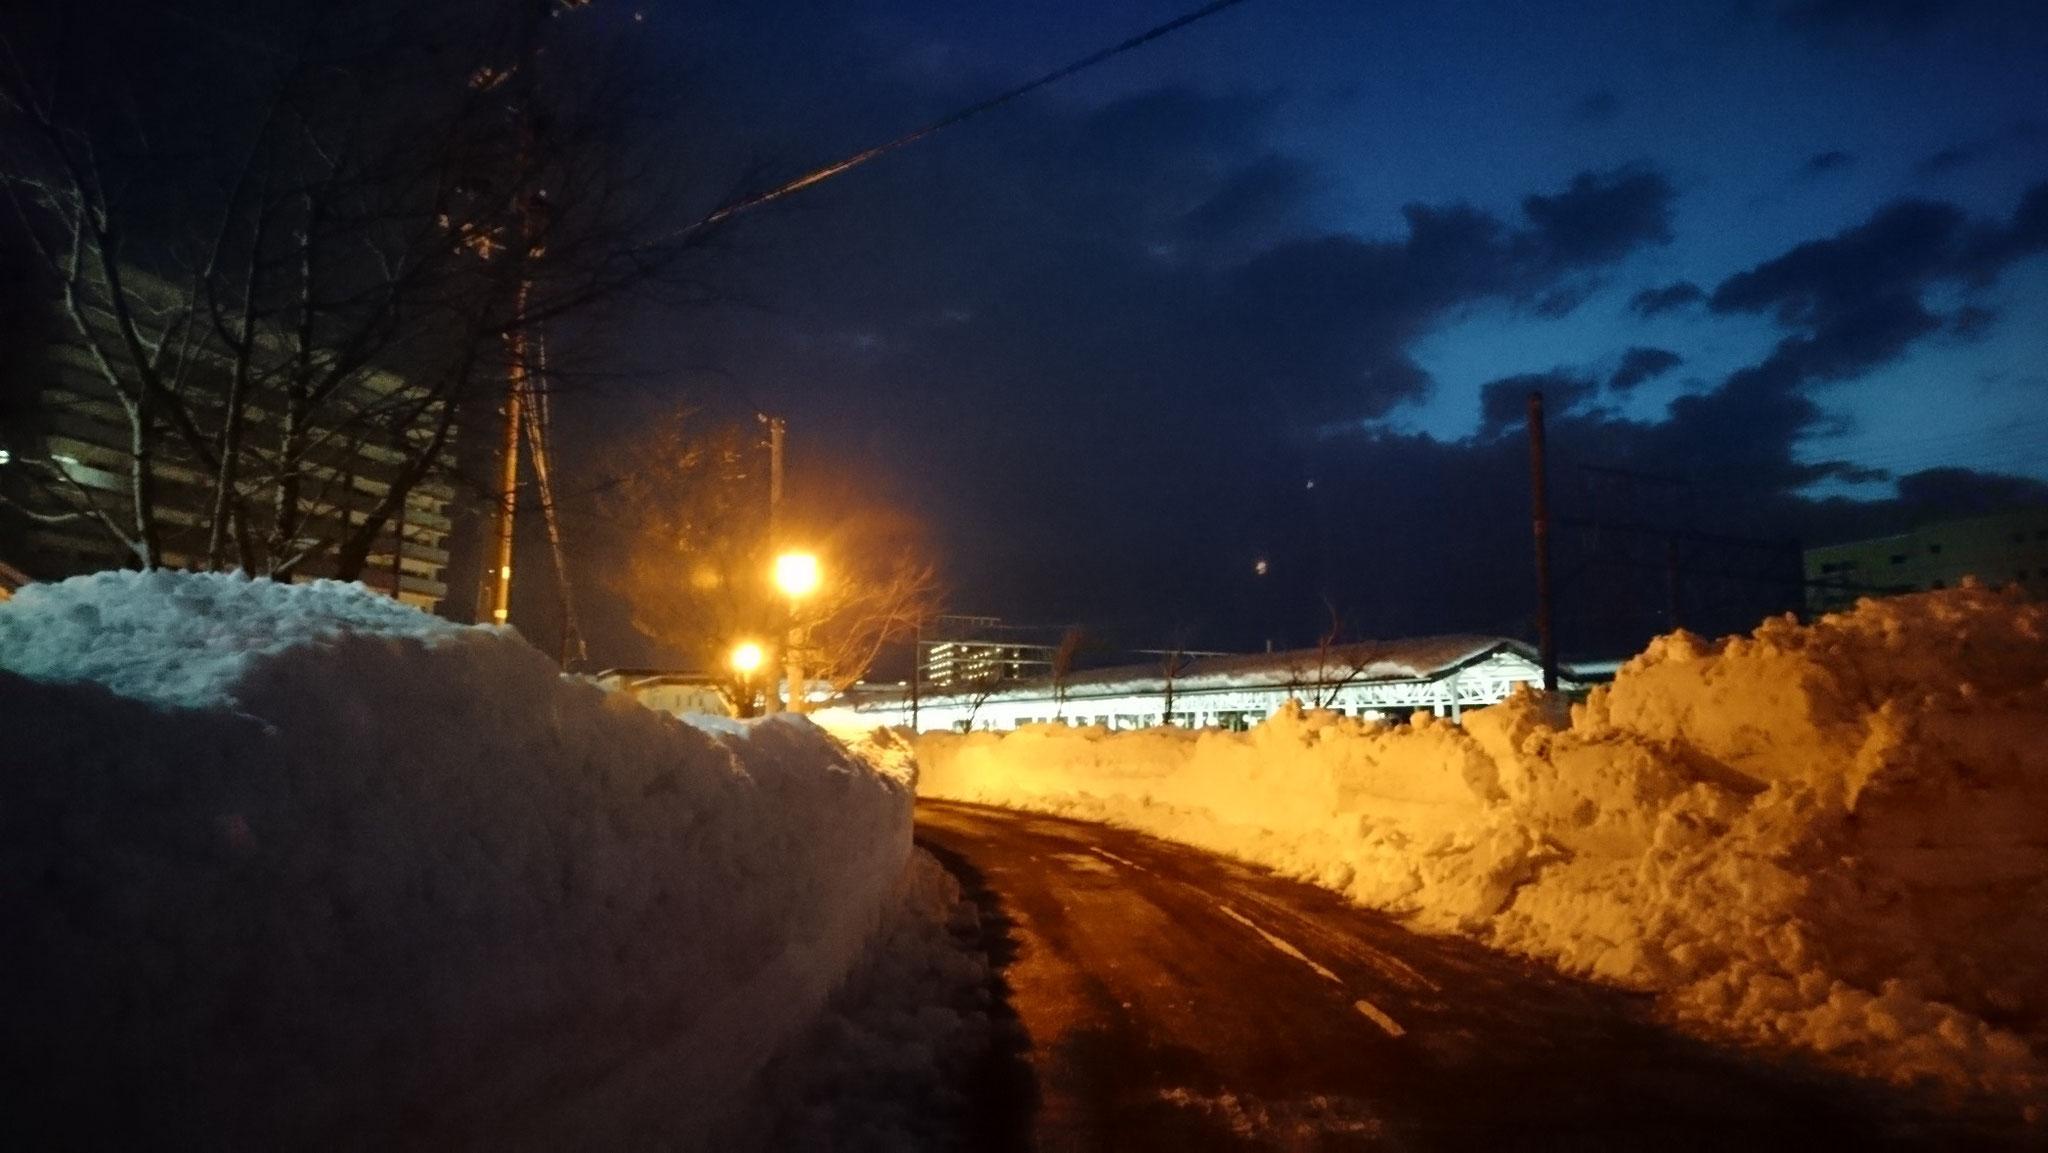 しばらく歩くと、直江津駅舎の明かりが見えてきました。